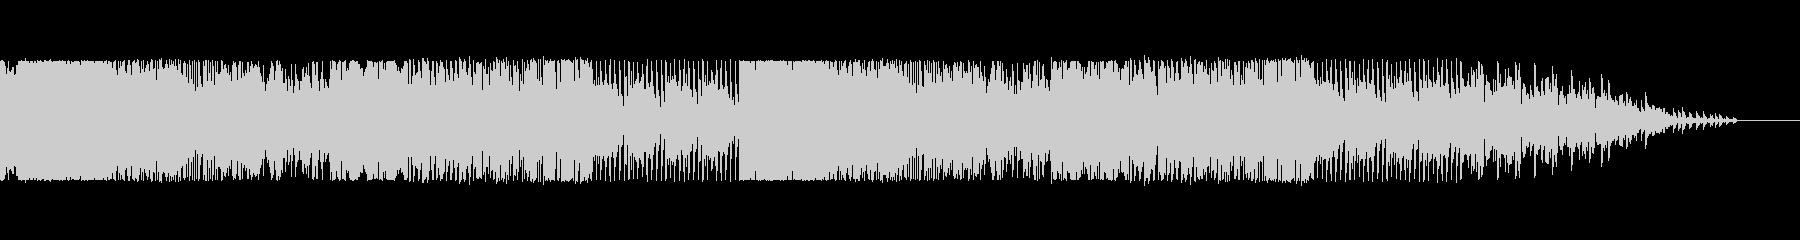 楽しい曲の未再生の波形